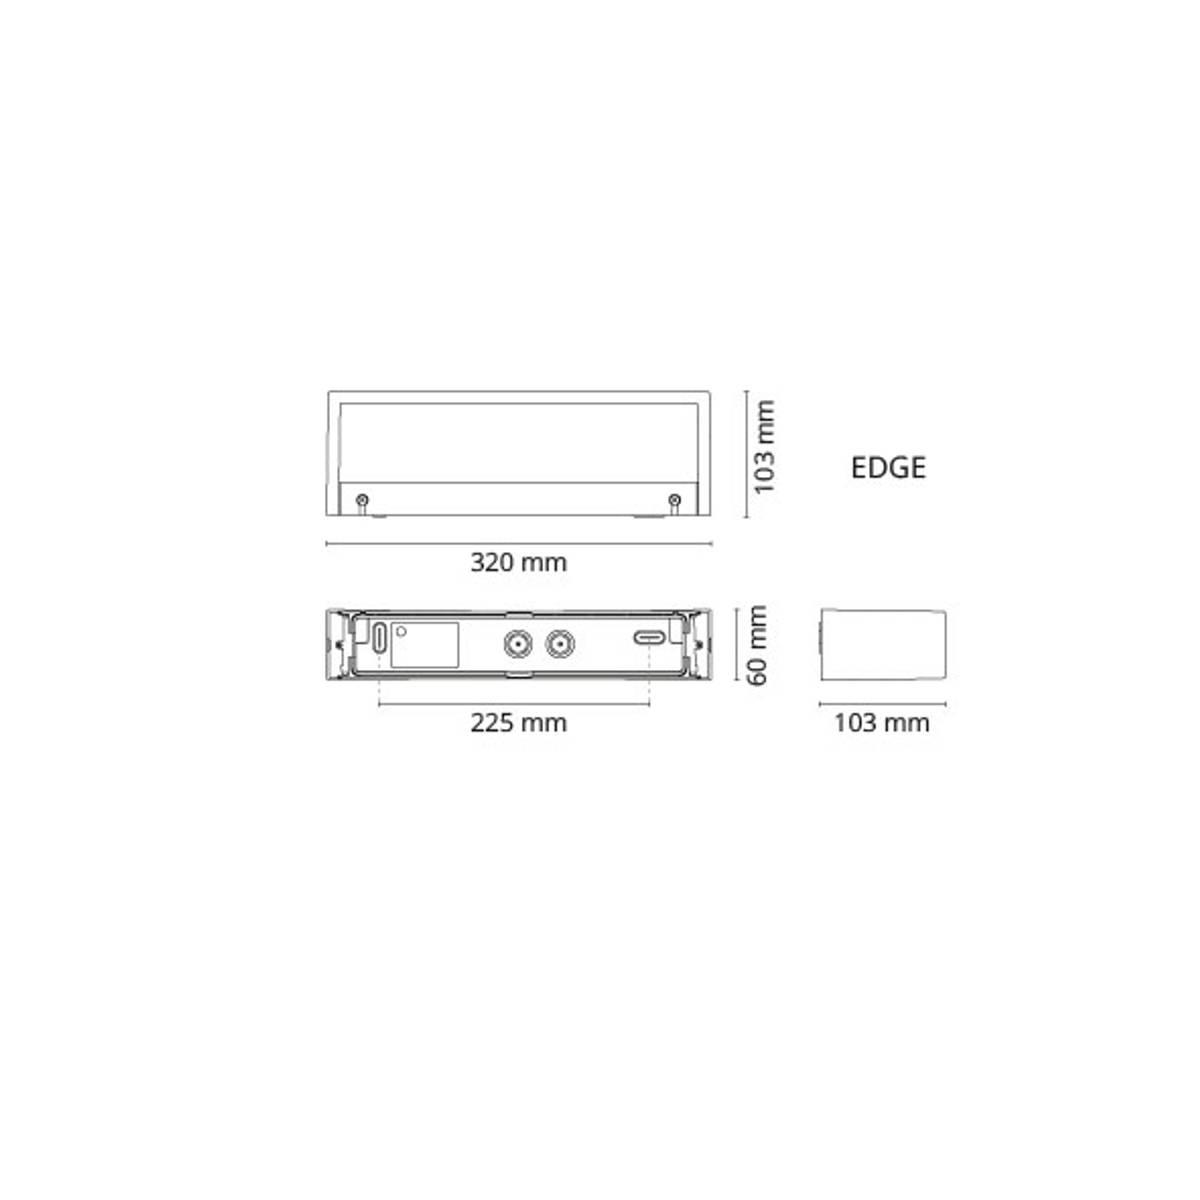 Edge direct matt-hvit 10w led 2700k